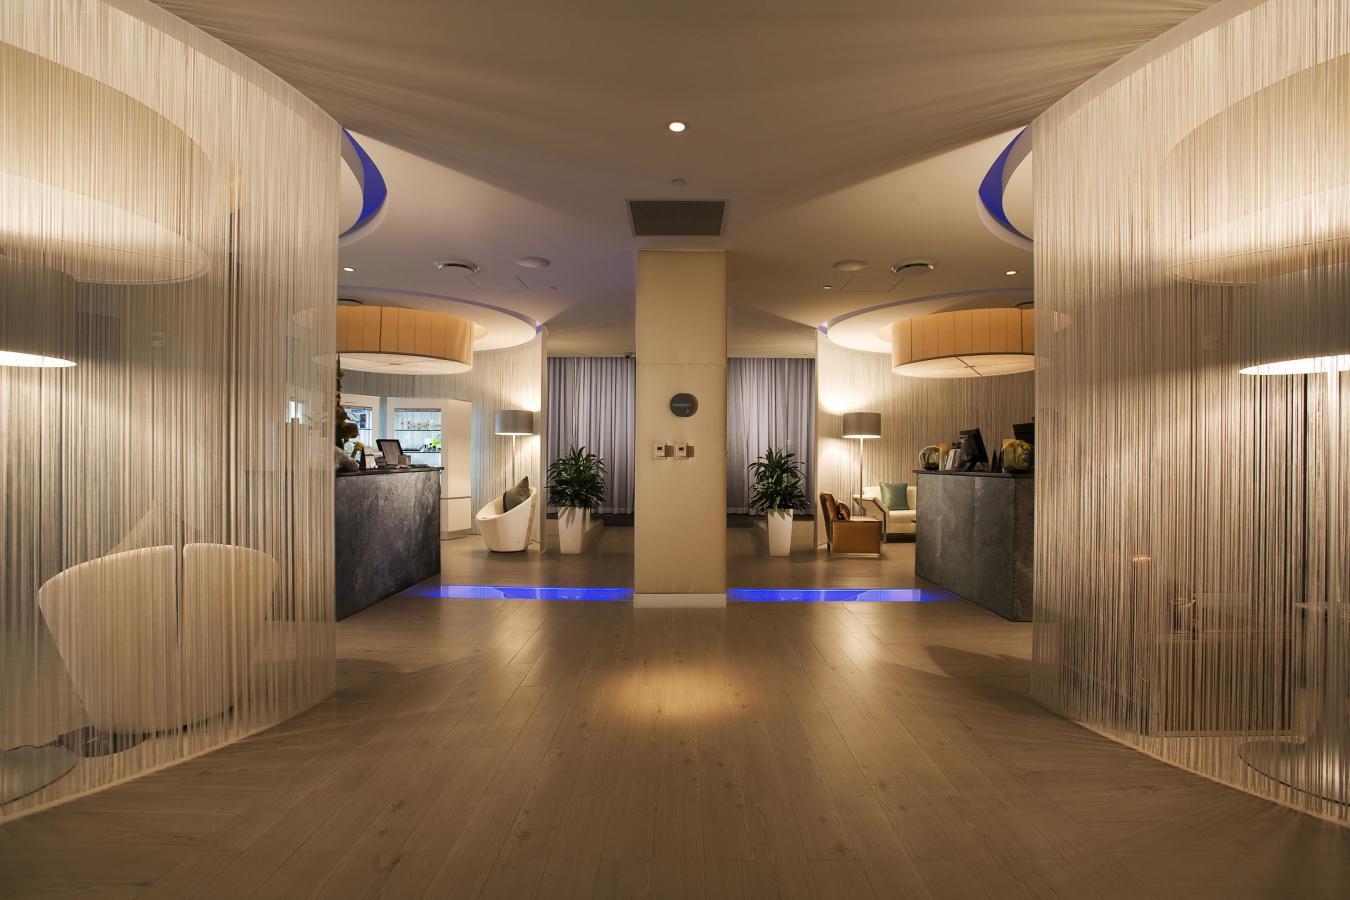 mySpa at the InterContinental Miami